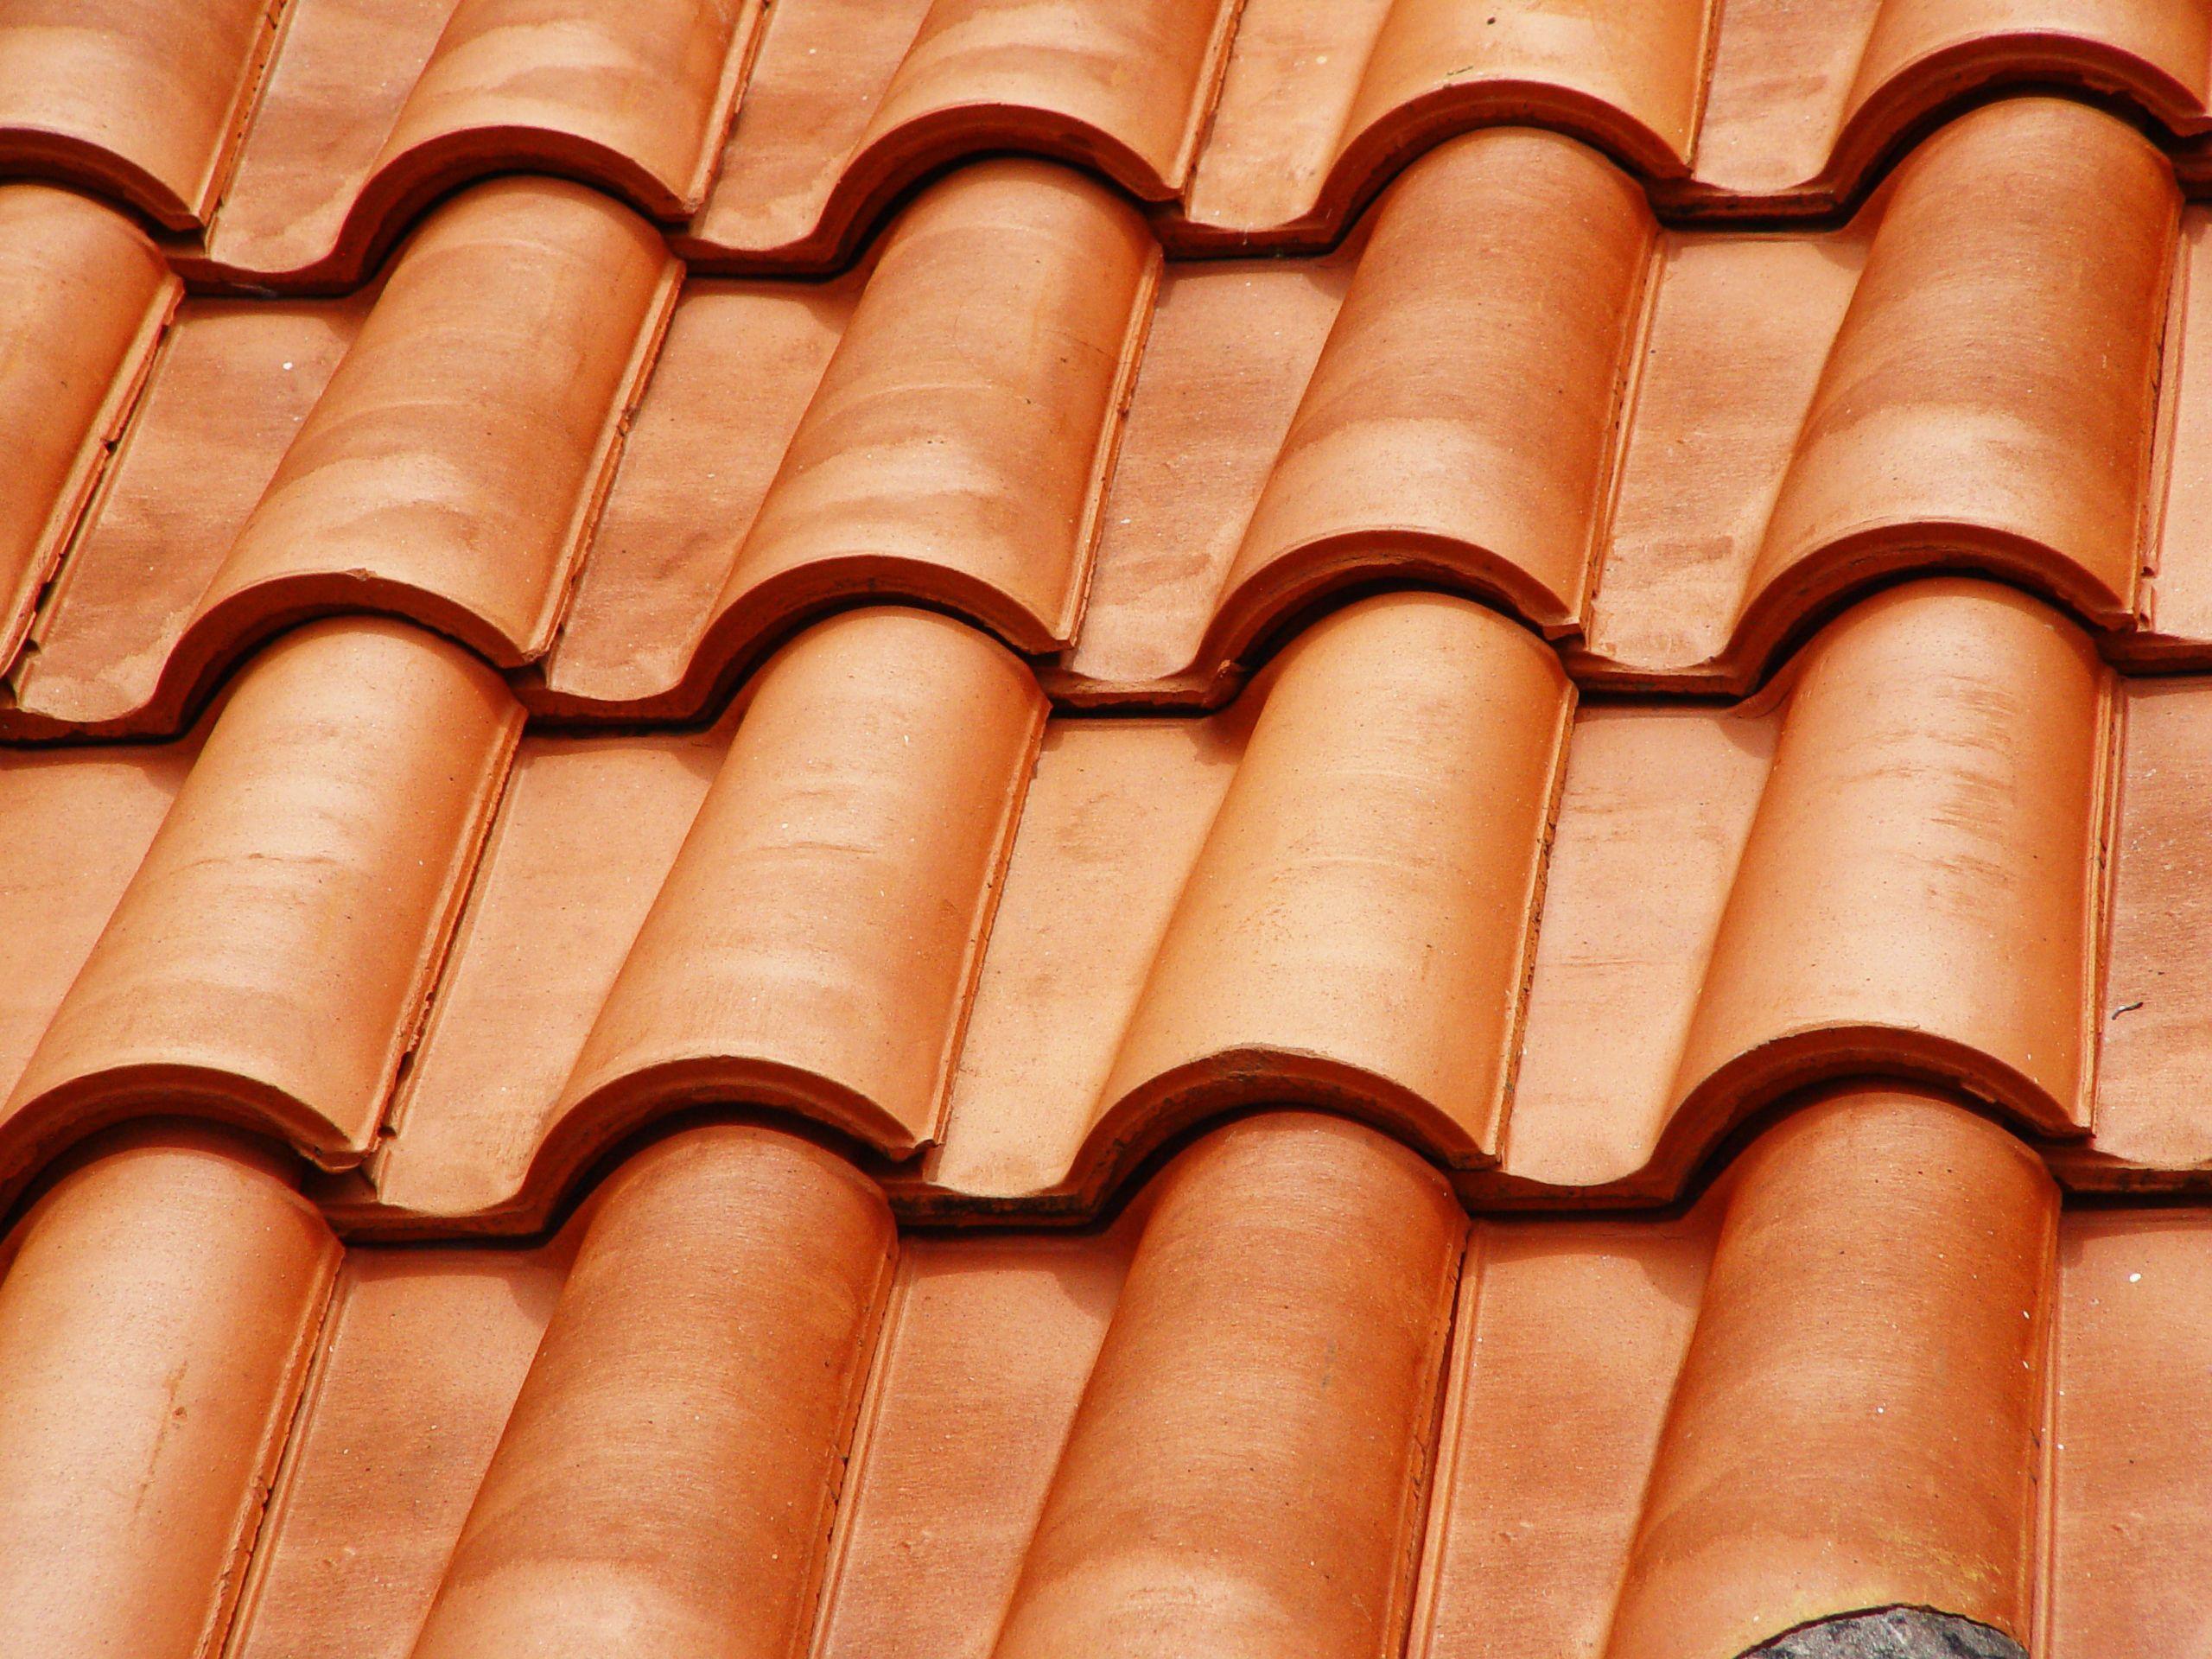 Decorative Roof Tiles Tejas Coloniales Livianas  Buscar Con Google  Hogar  Pinterest